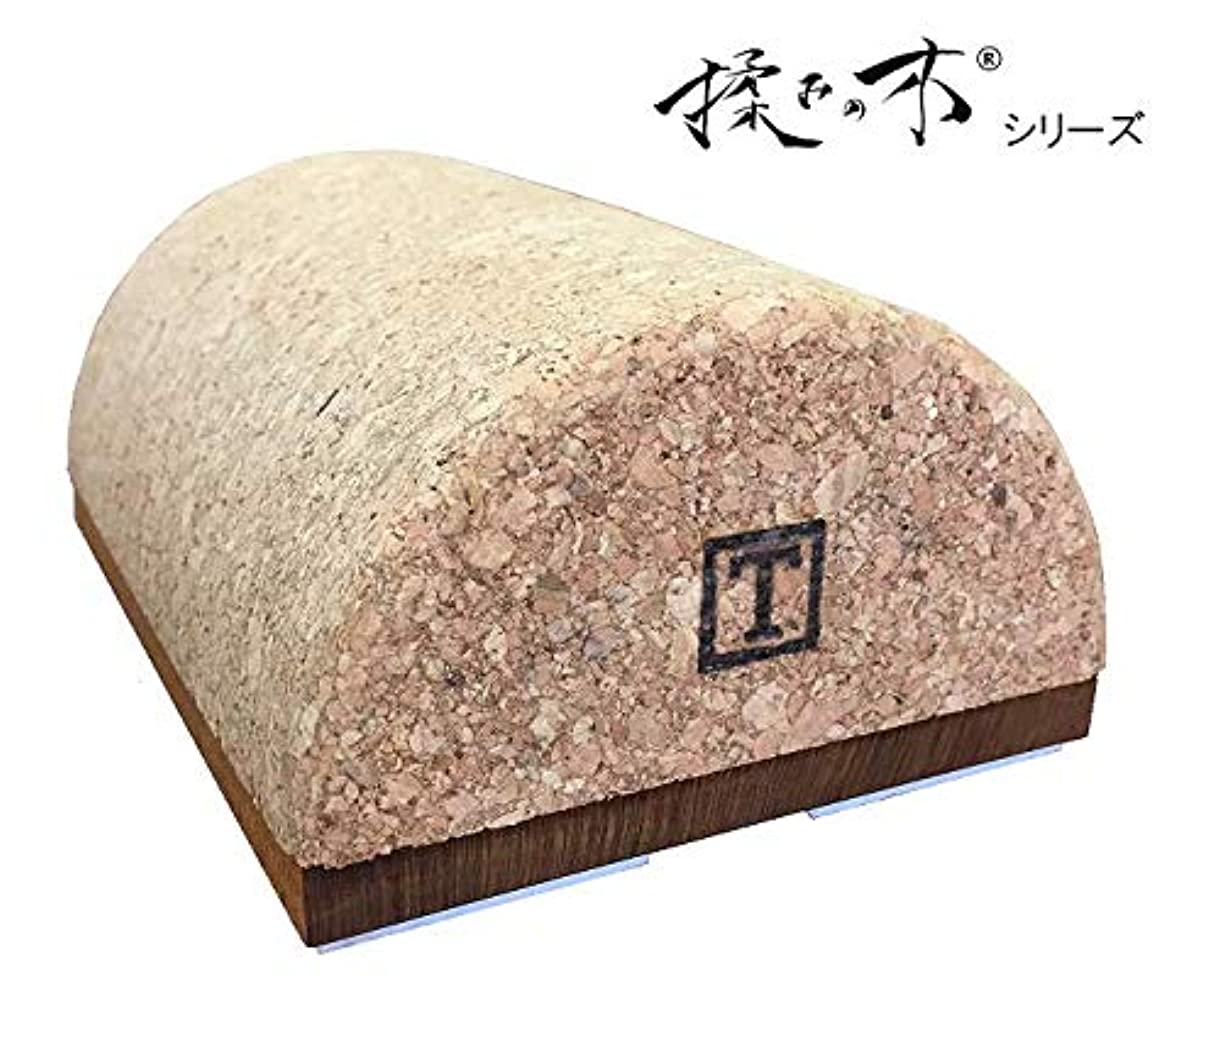 アート優雅バケット揉みの木シリーズ マルチタイプ